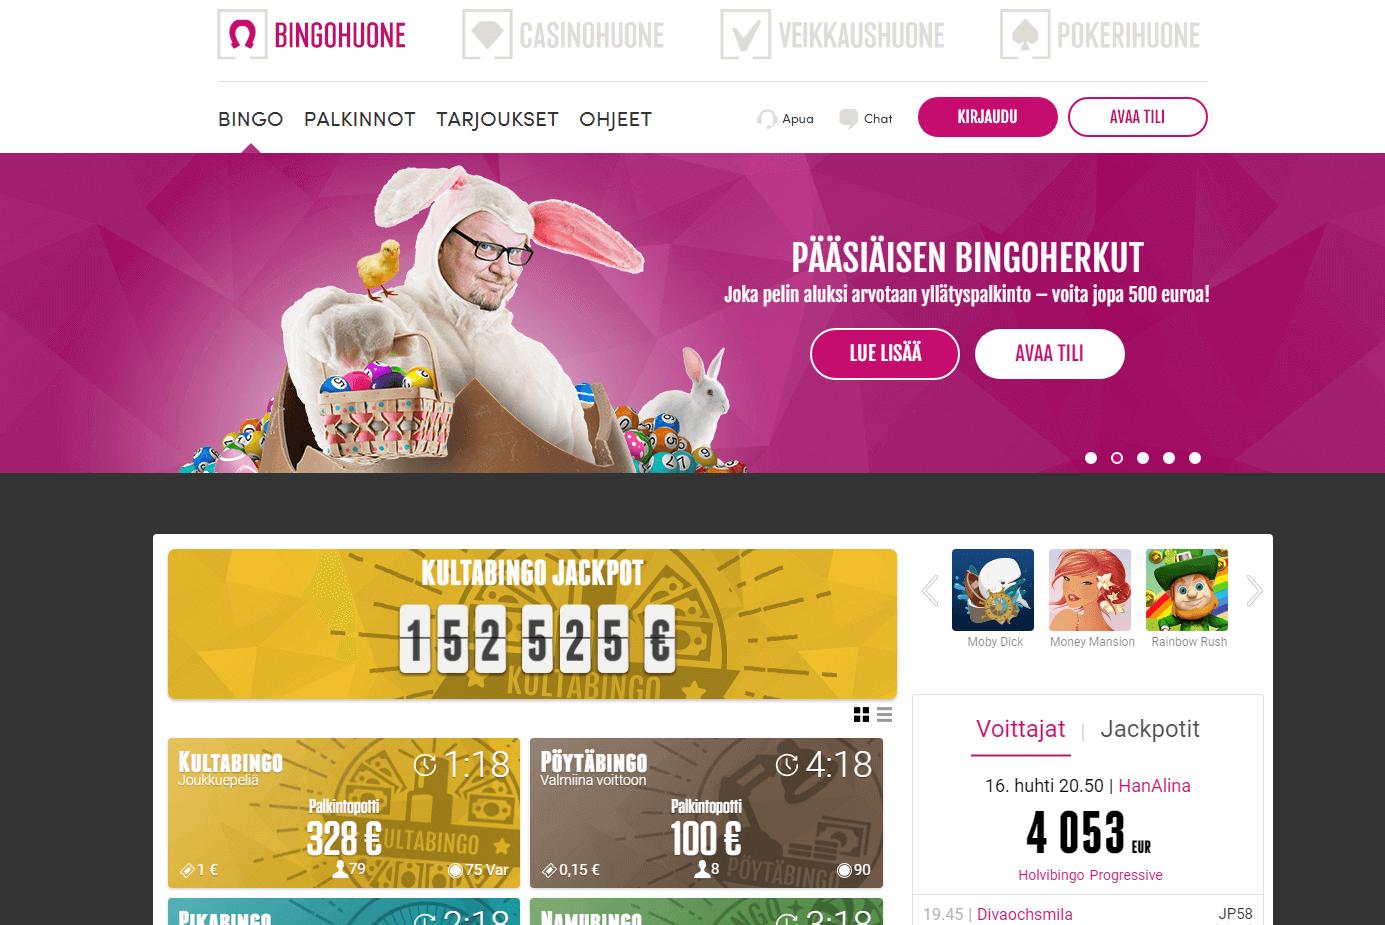 pääsiäinen bingohuone